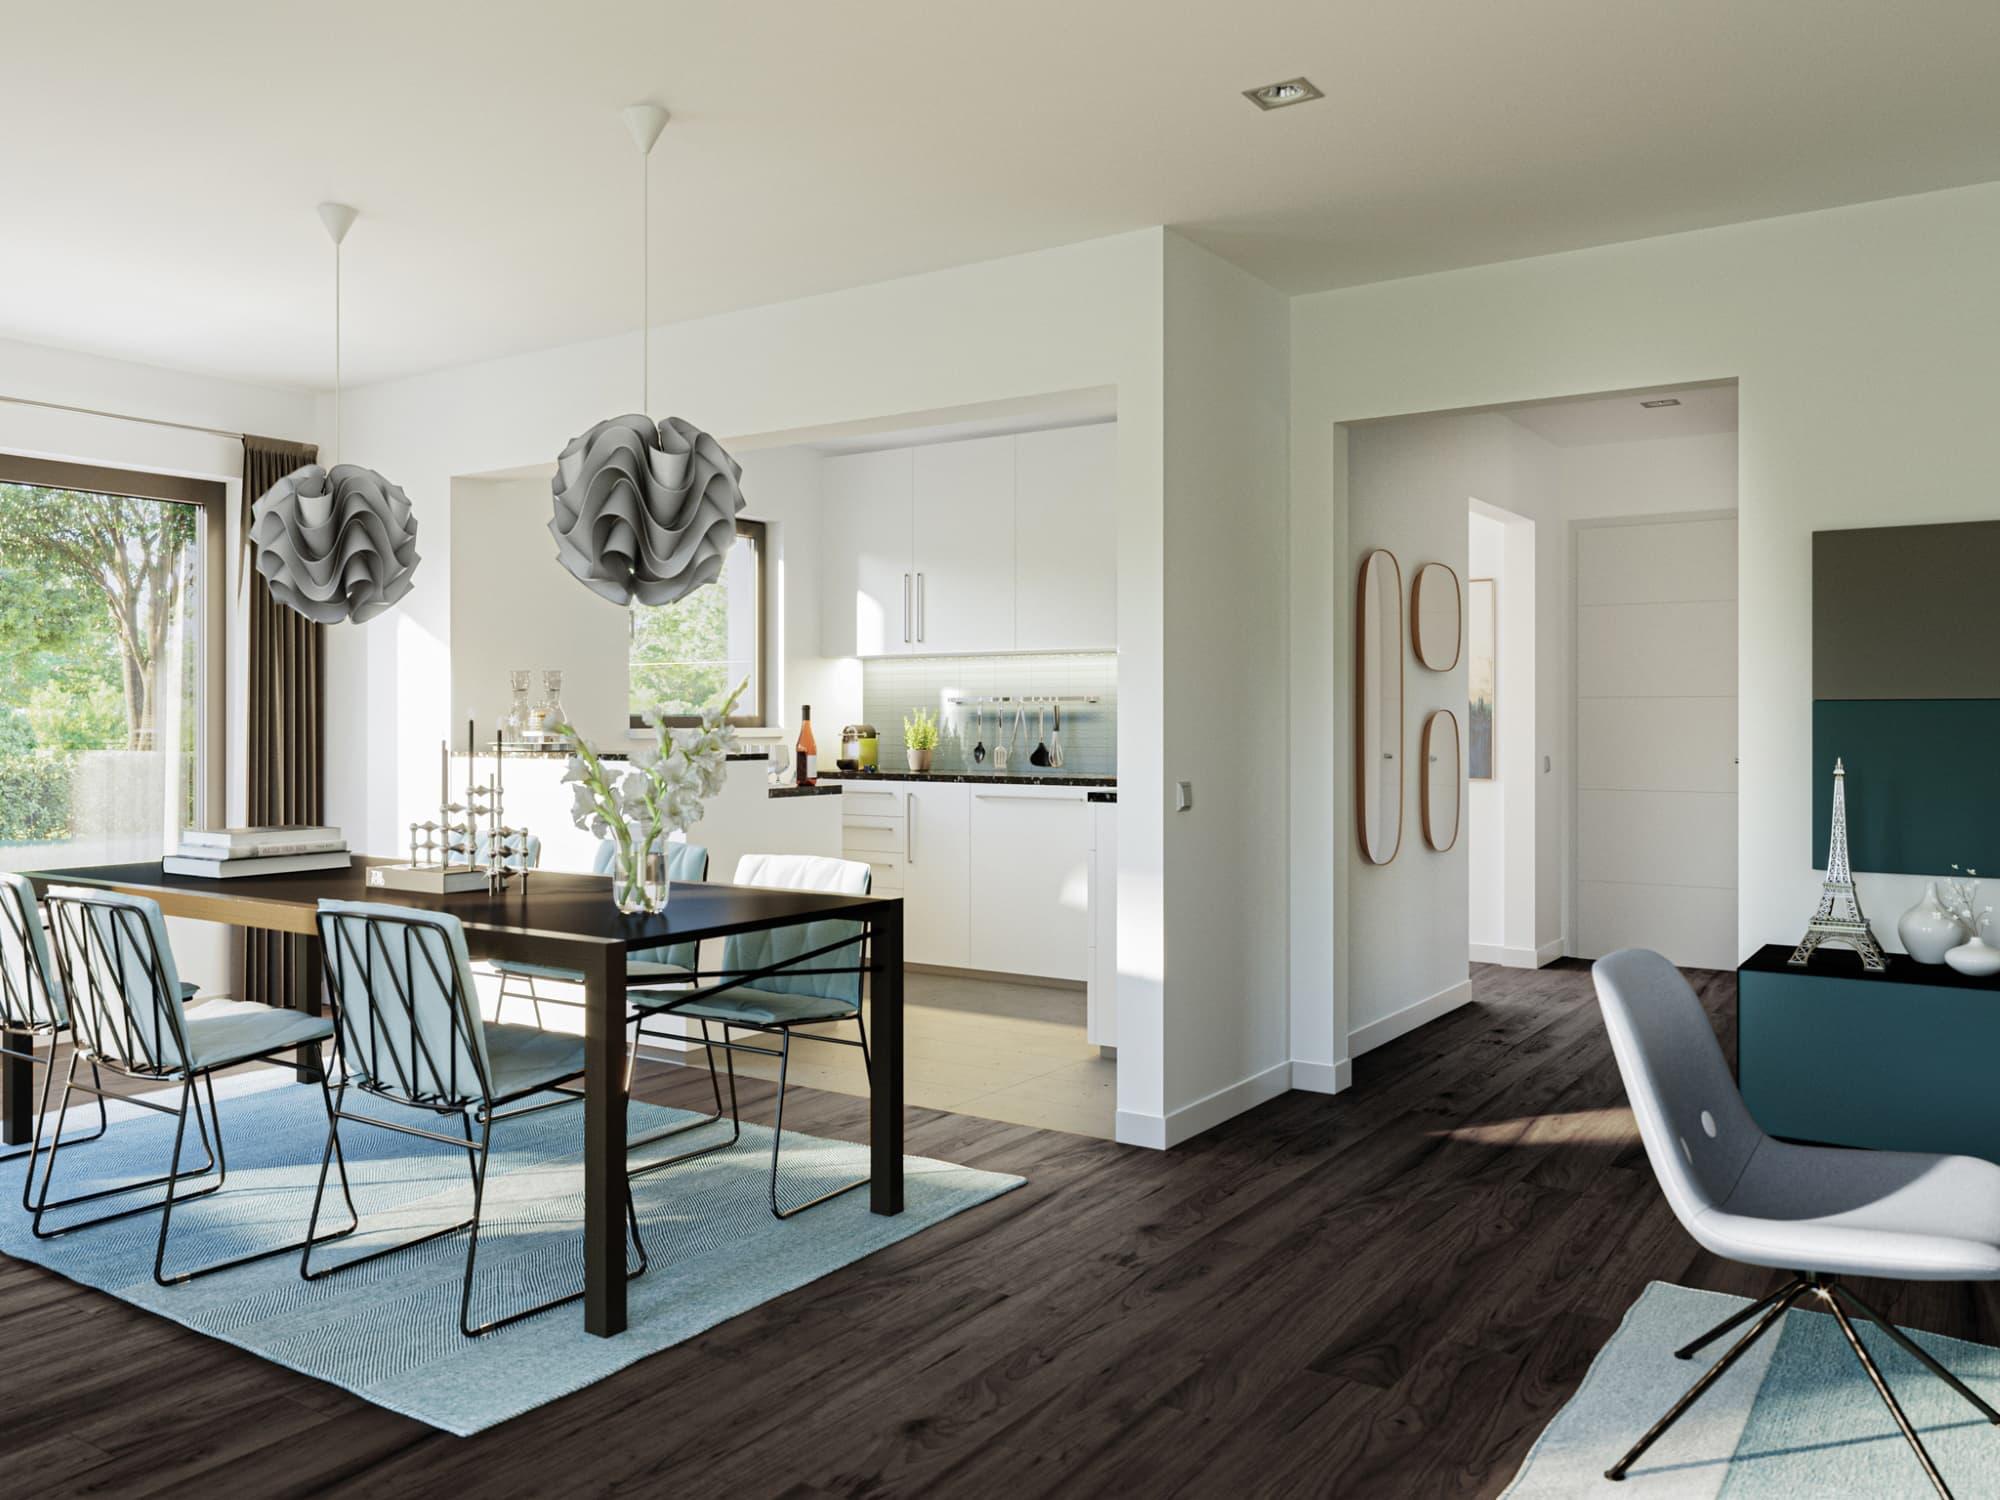 Offene Küche mit Esszimmer und großem Esstisch - Haus Design Ideen Inneneinrichtung Stadtvilla Bien Zenker Fertighaus EDITION 123 V5 - HausbauDirekt.de